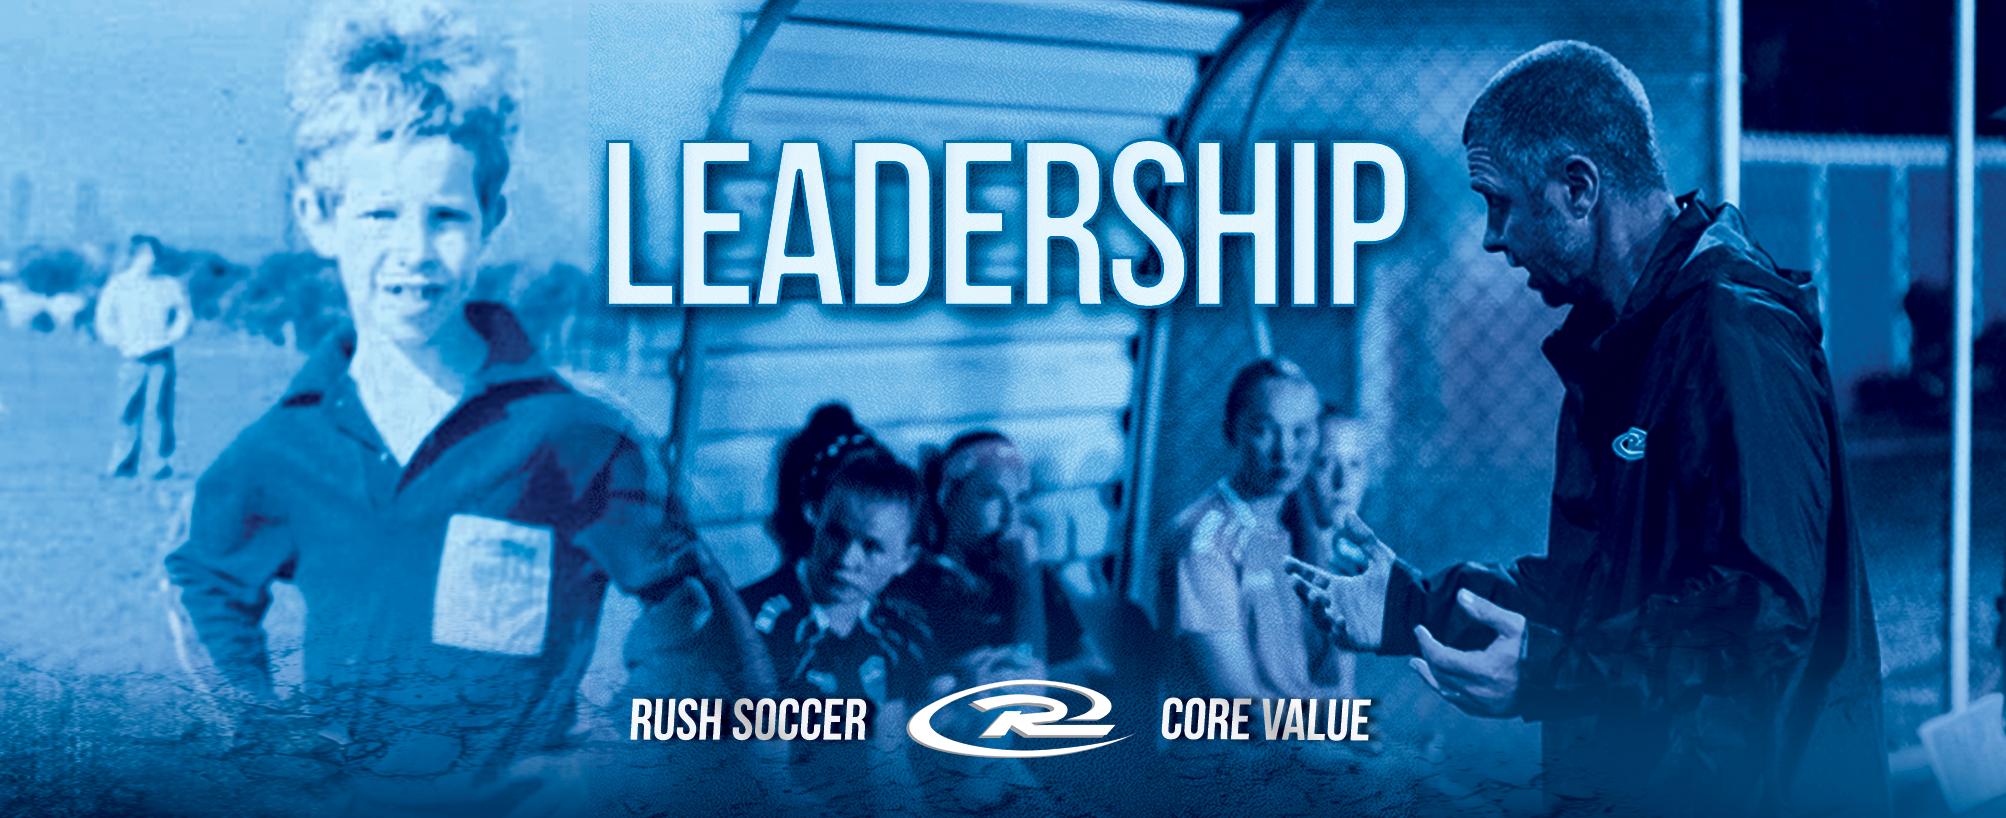 Nik-Leadership-website-national-1-1